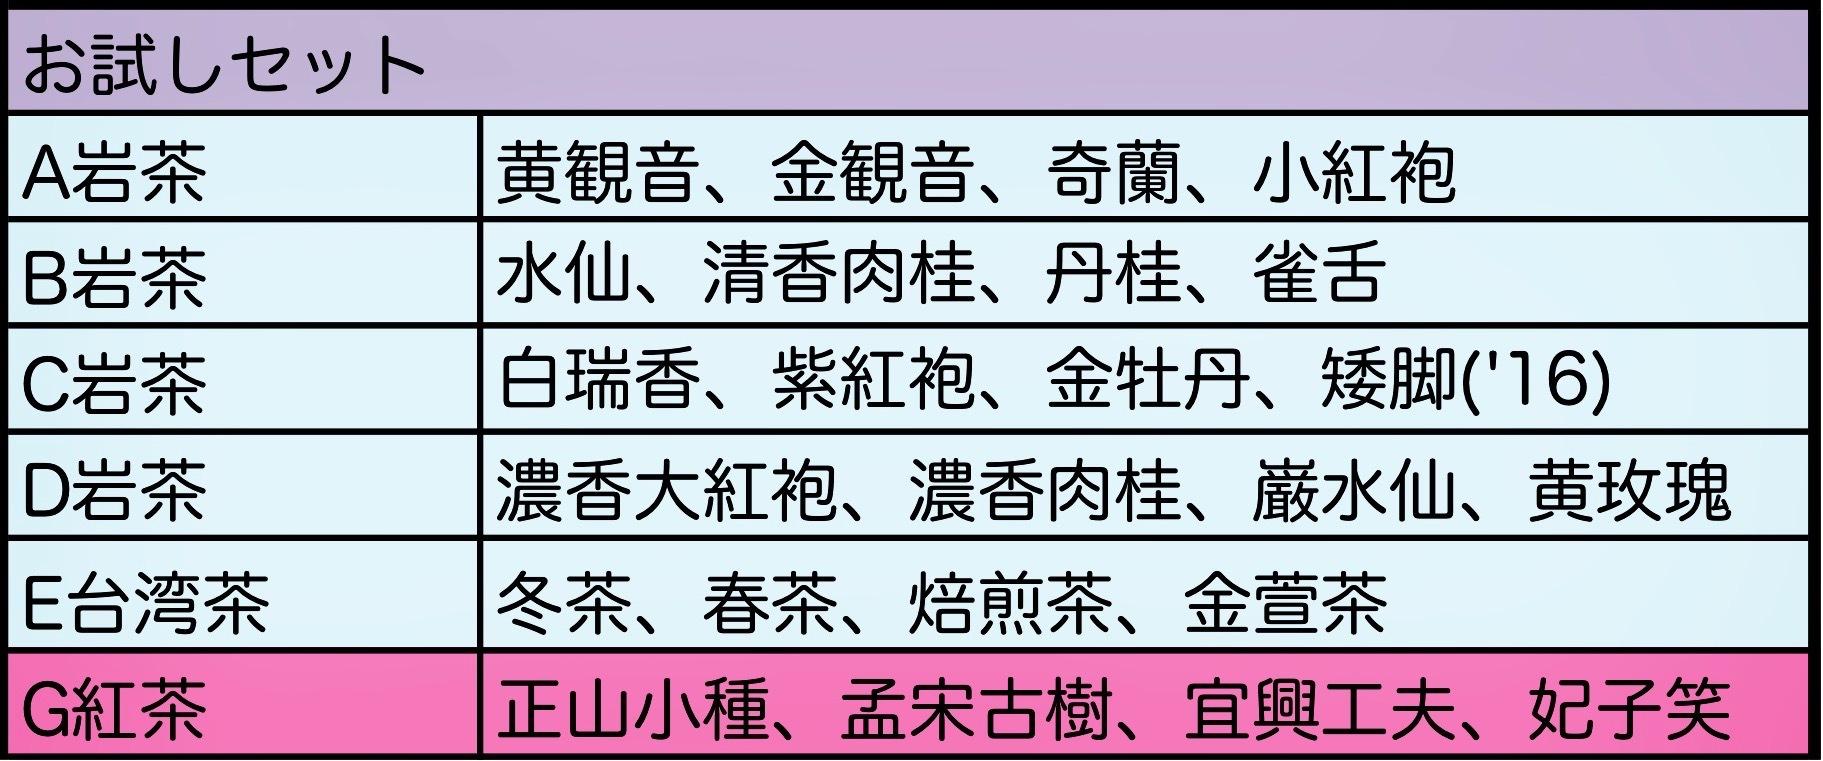 茶譜 2021年5月 ー岩茶以外_b0151300_12463940.jpeg